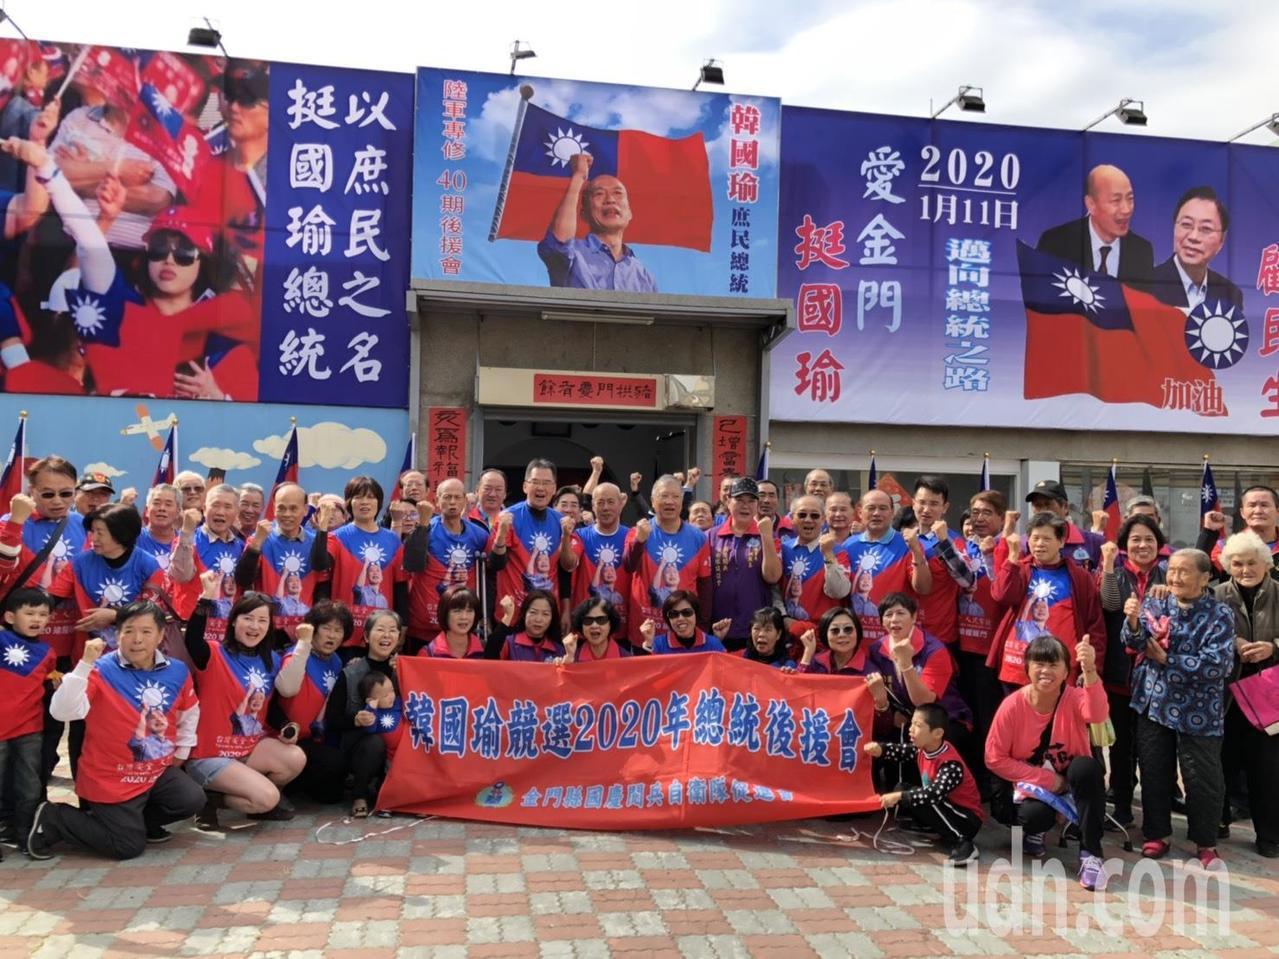 韩国瑜明天将到位在金城车站旁的庶民总统韩国瑜后援会,与支持者一起造势。记者蔡家蓁...